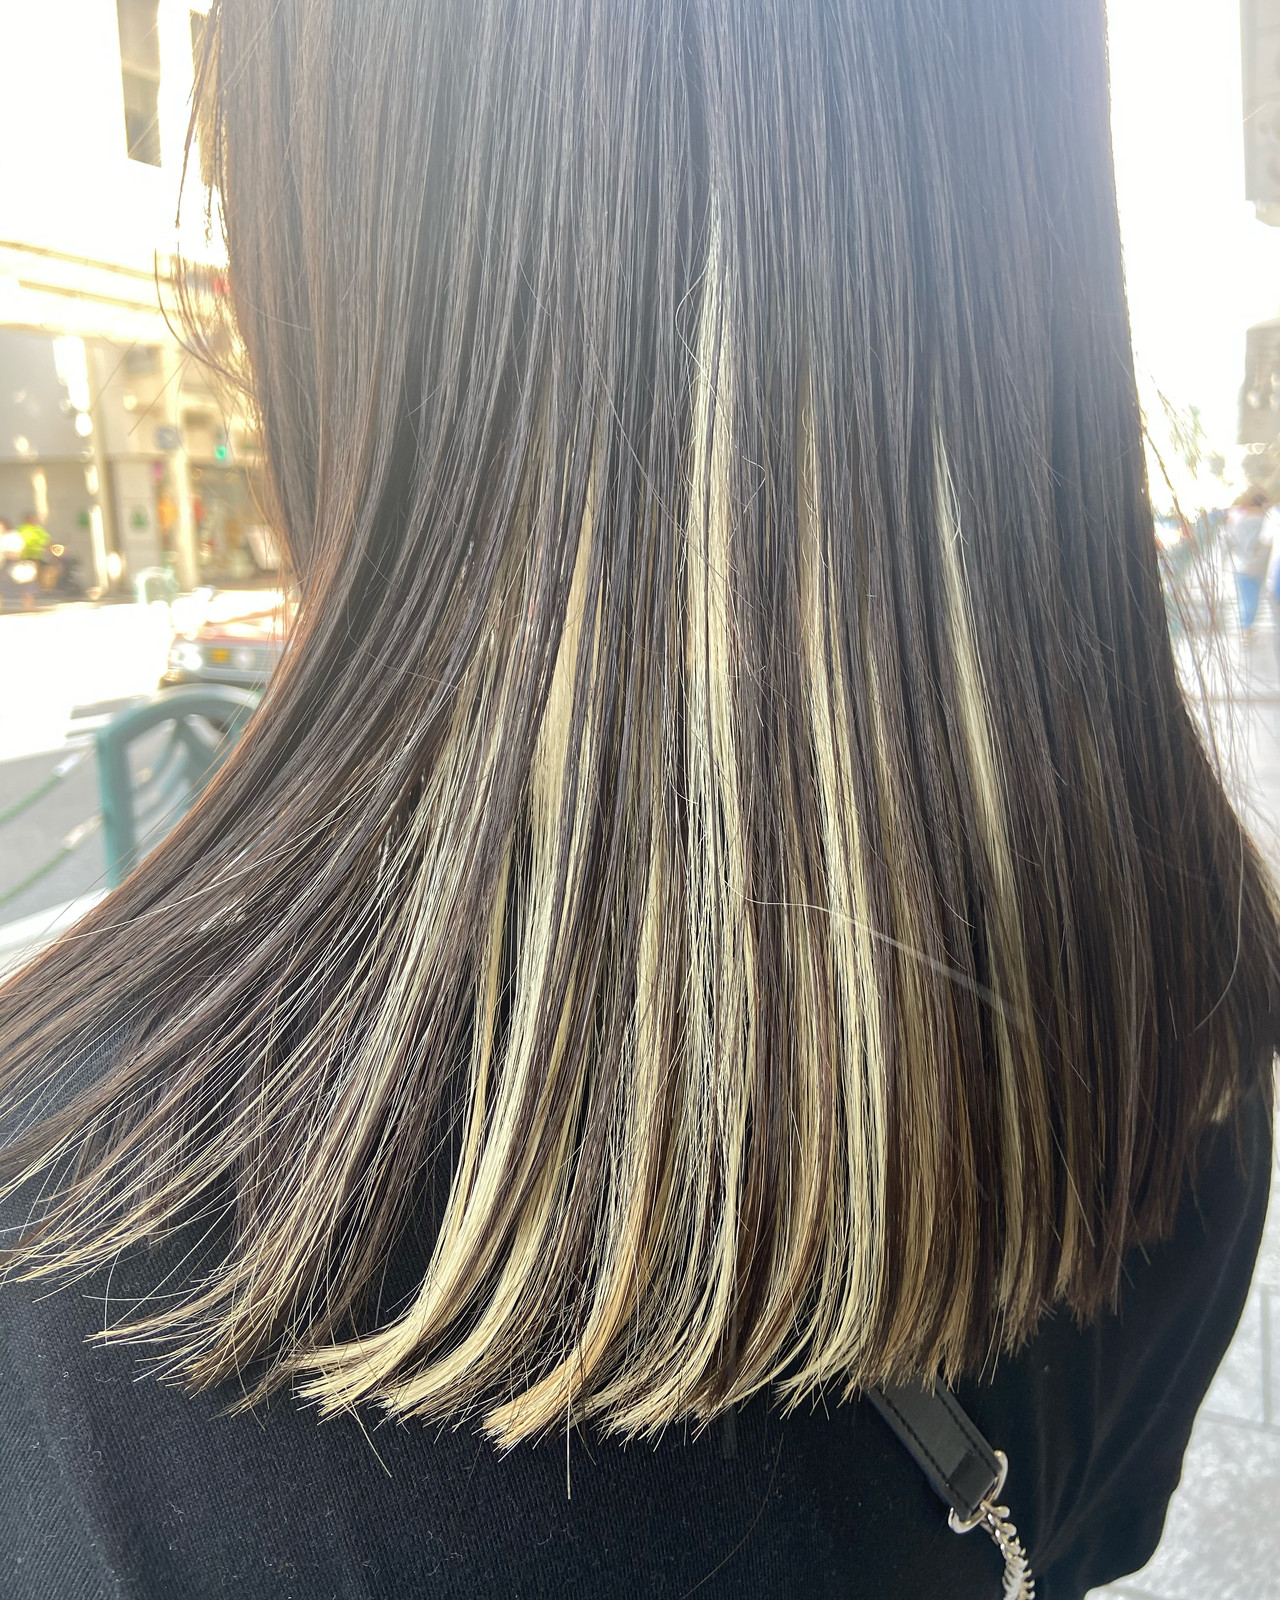 ナチュラル インナーカラー ブリーチカラー ブリーチ ヘアスタイルや髪型の写真・画像